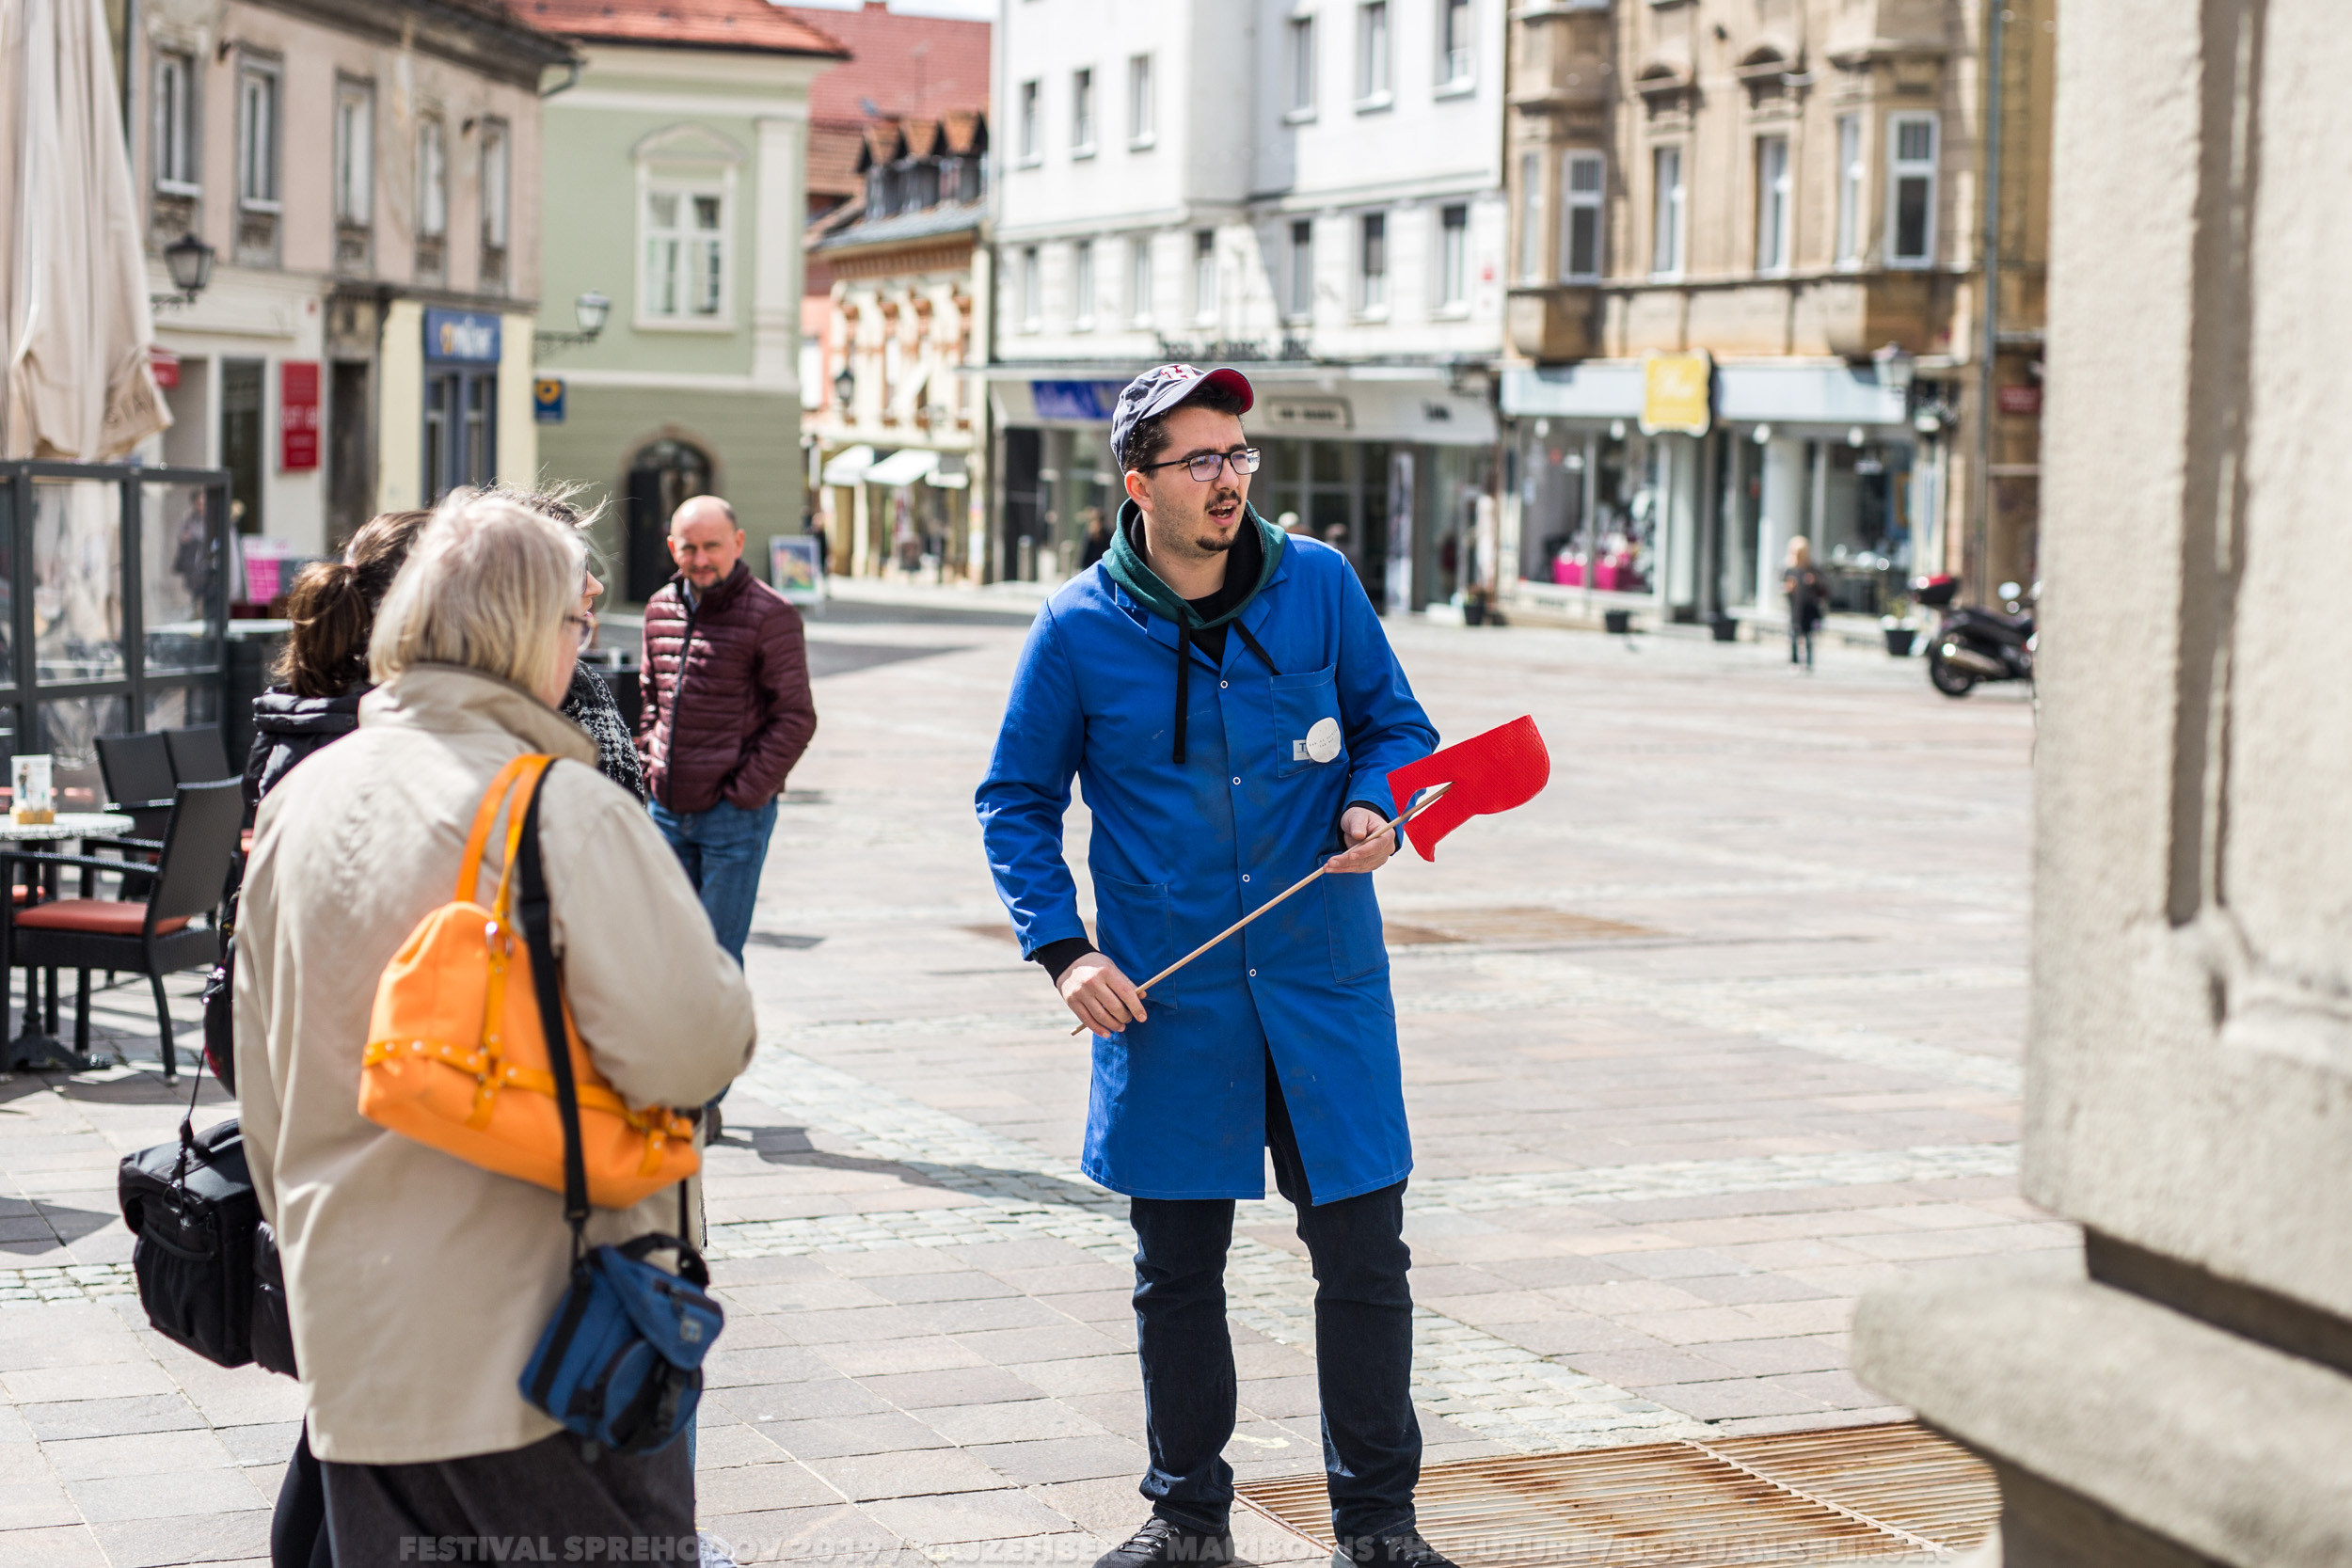 festival sprehodov_1dan_Boštjan Selinšek (2).jpg